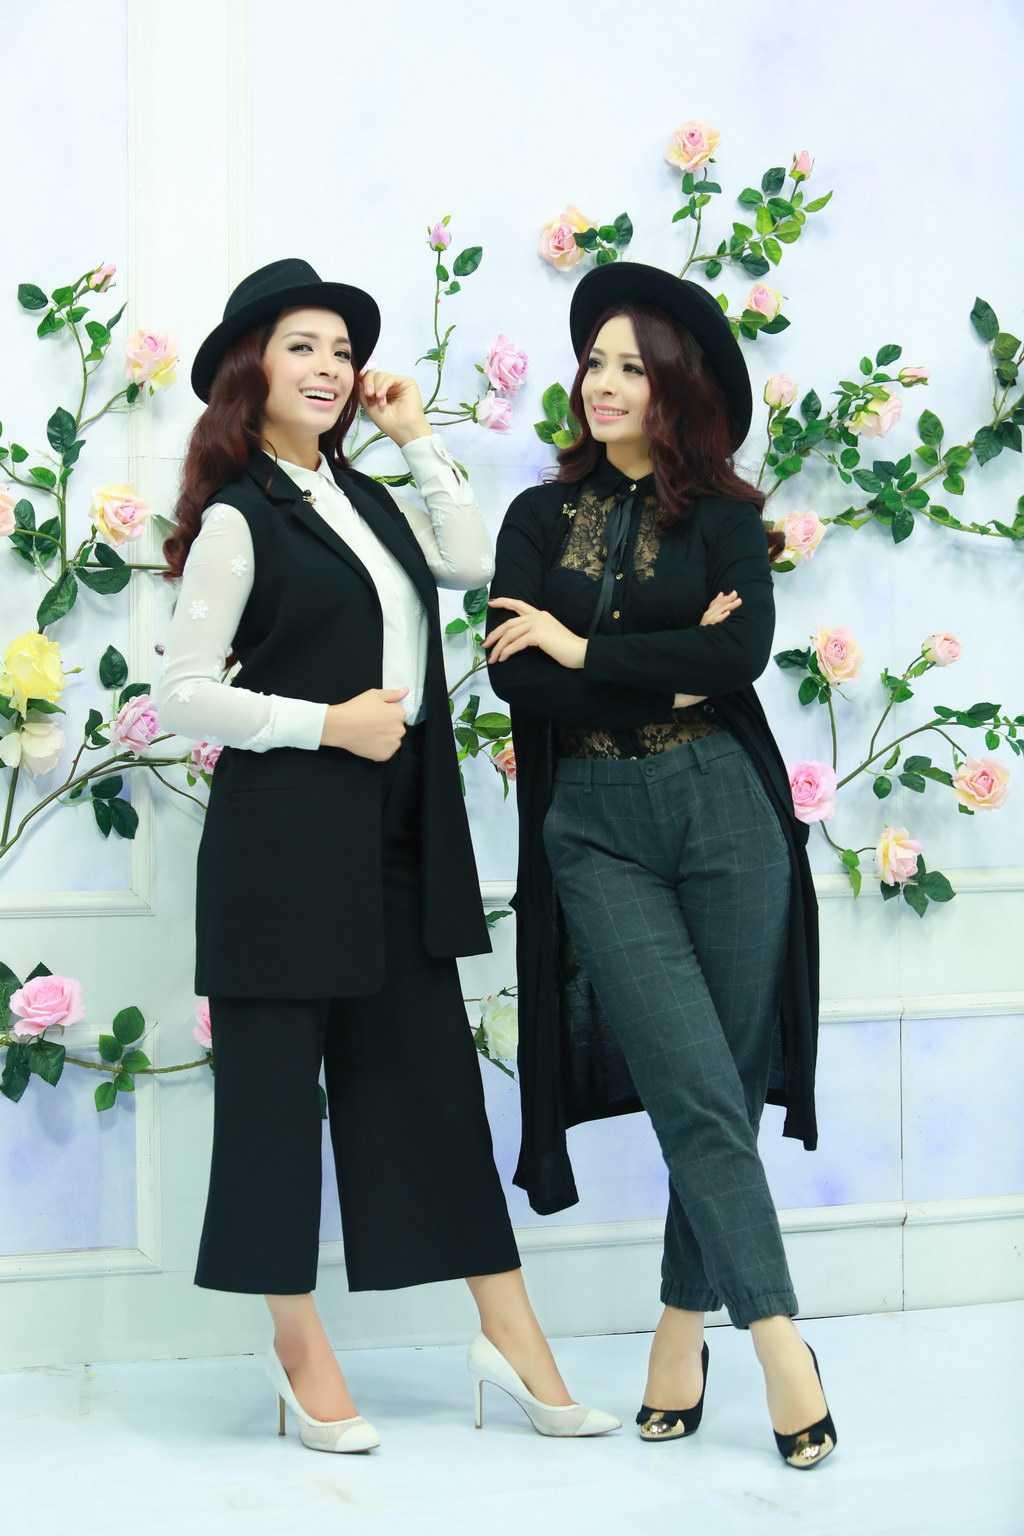 Để giúp Thuý Hằng - Thuý Hạnh có style ấn tượng xuất hiện trong show thời trang sắp tới, nhà thiết kế Nguyễn Lan Hương đã thiết kế riêng cho cả hai những bộ cánh ton sur ton.